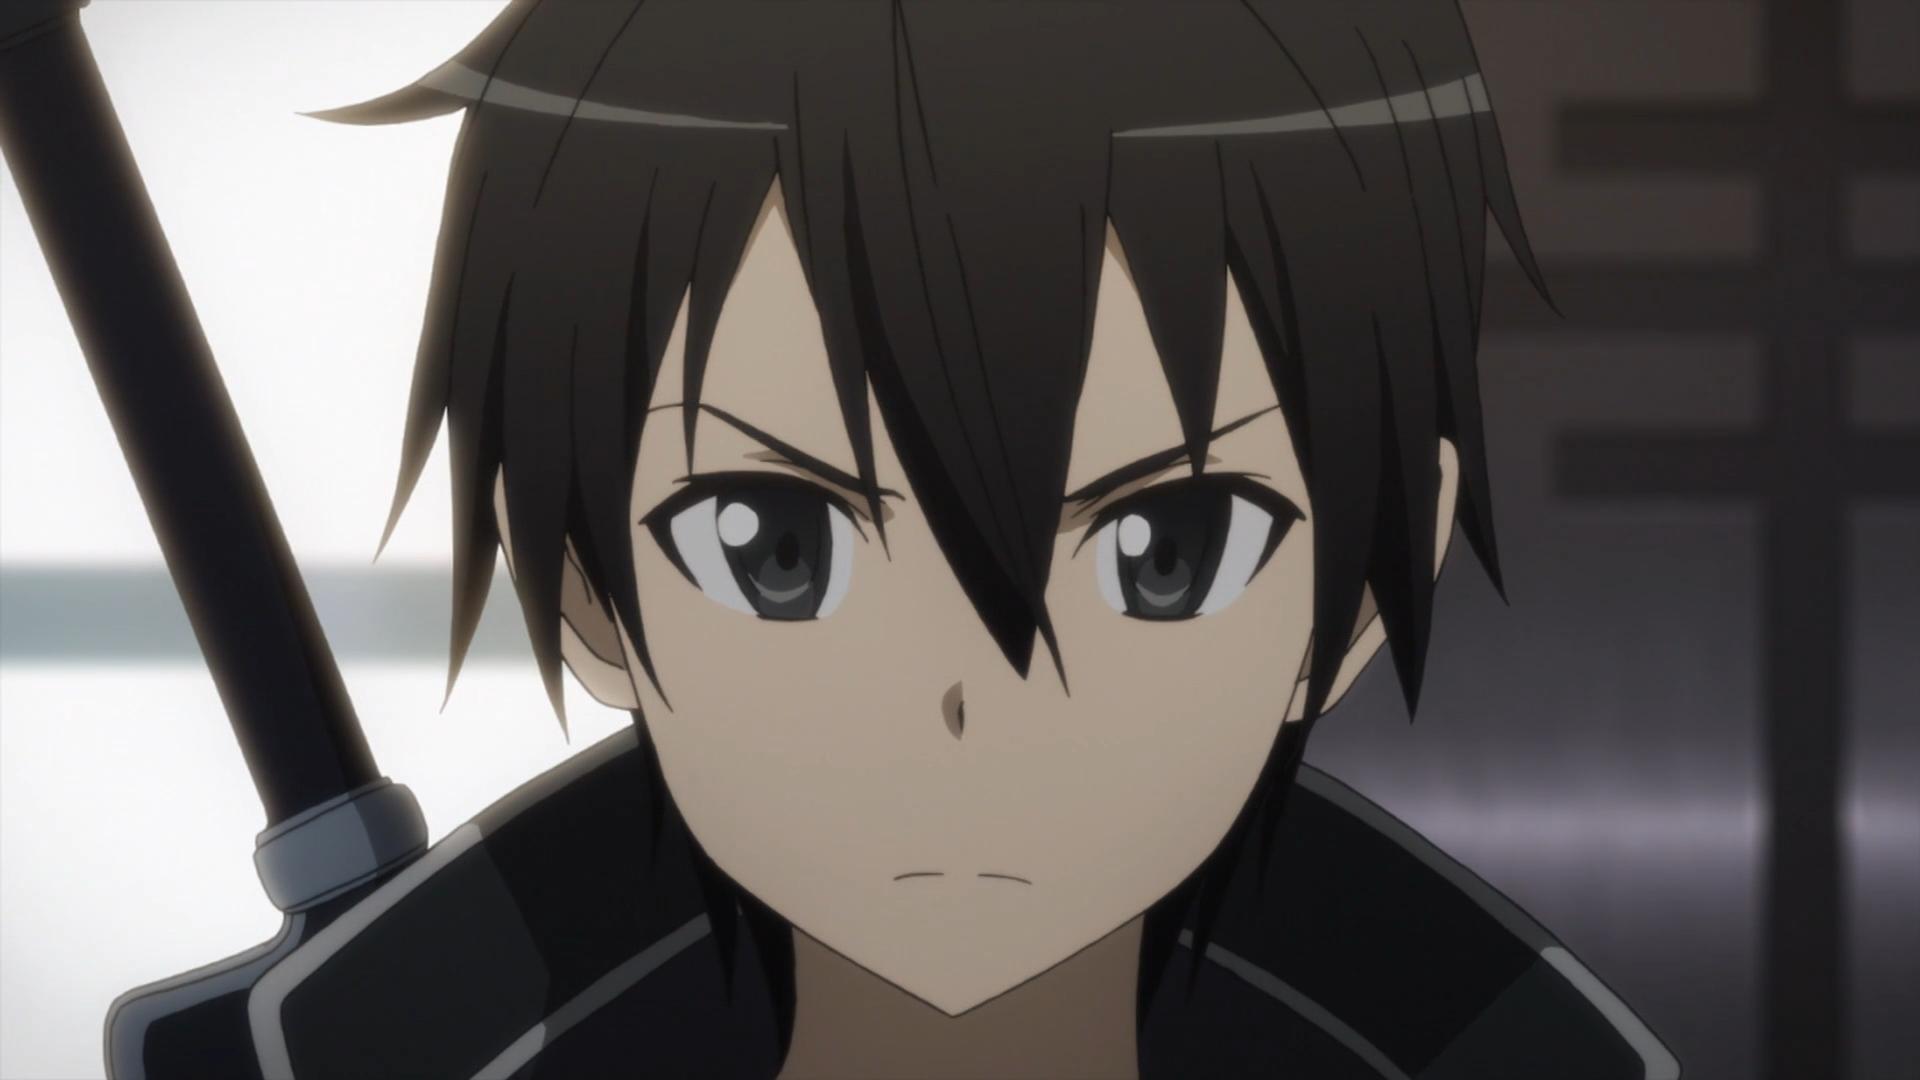 Hình Kirito khuôn mặt nghiêm túc